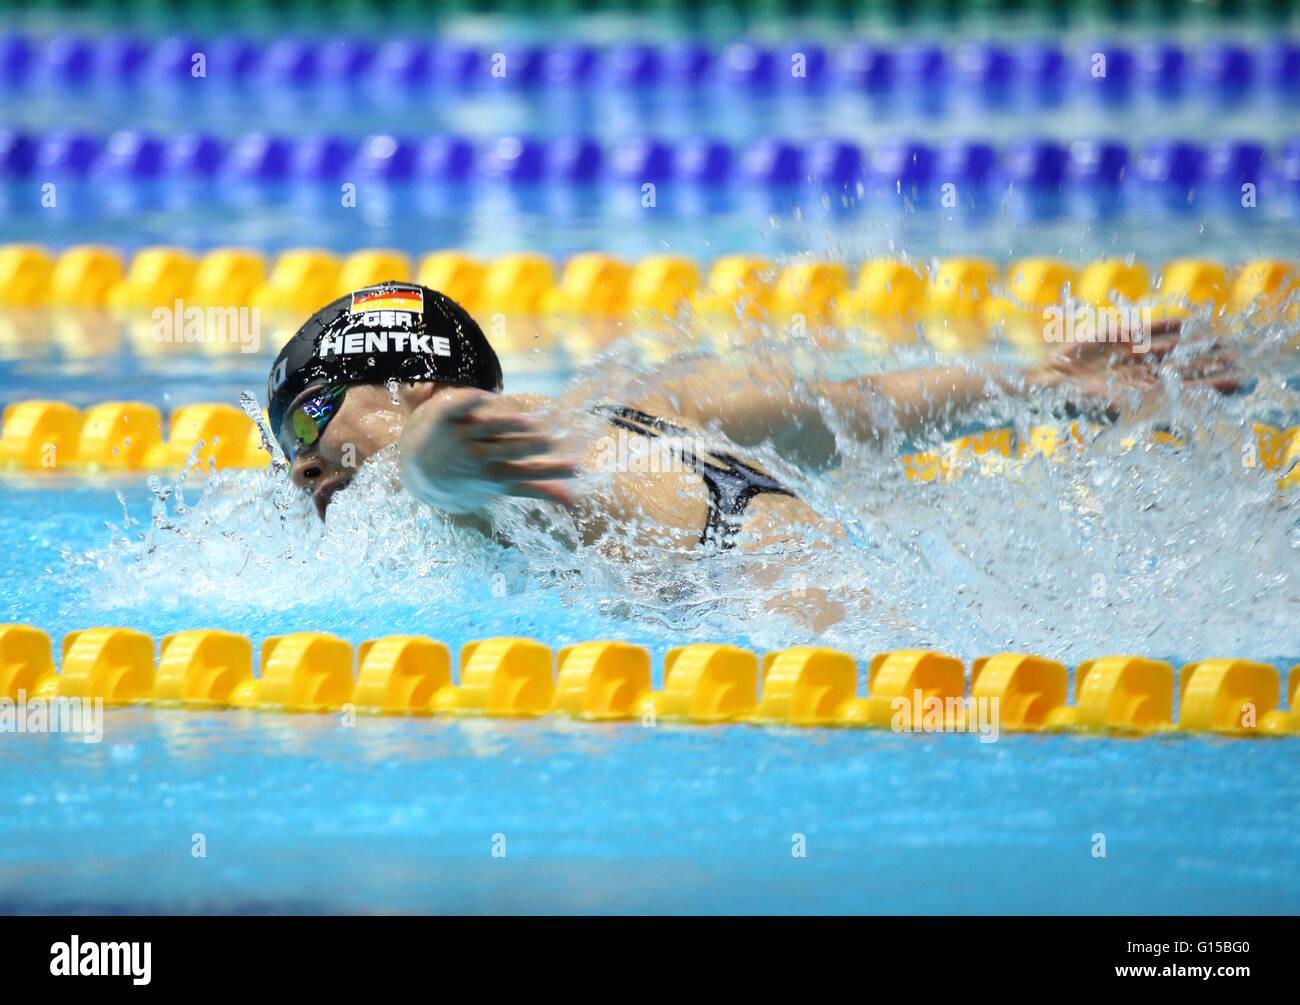 Campeonatos de natación alemana, Deutsche Meisterschaften Schwimmen im, y ensayos de calificación Olímpica Imagen De Stock